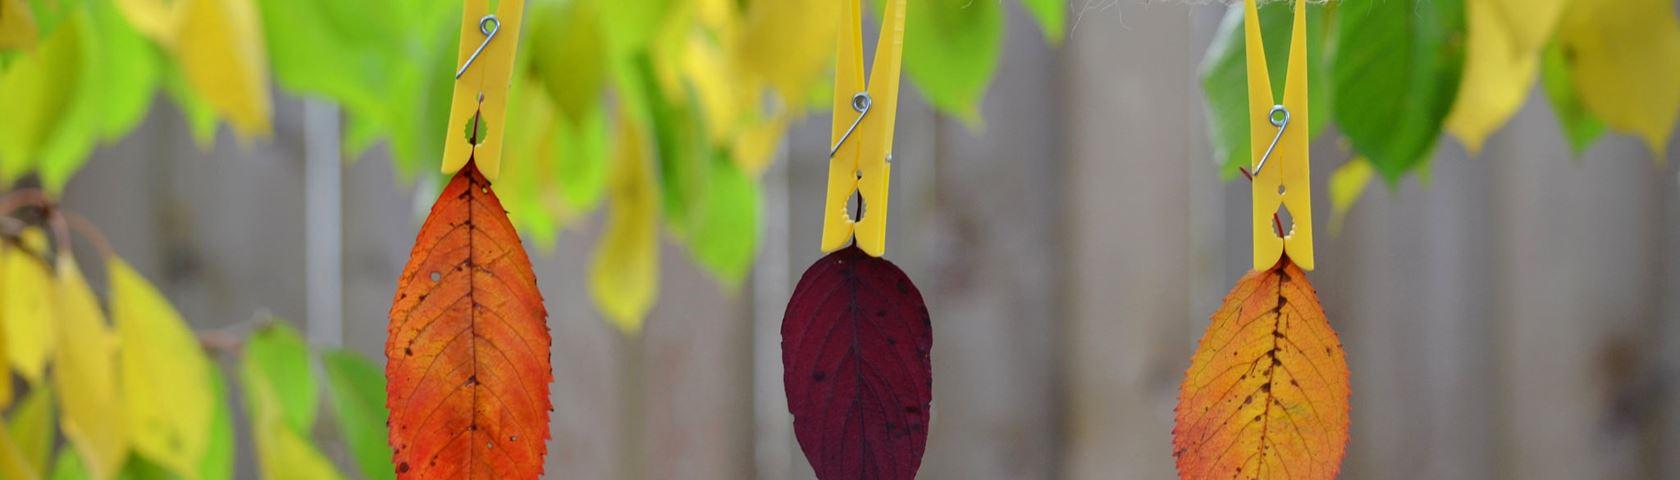 Autumn Pins